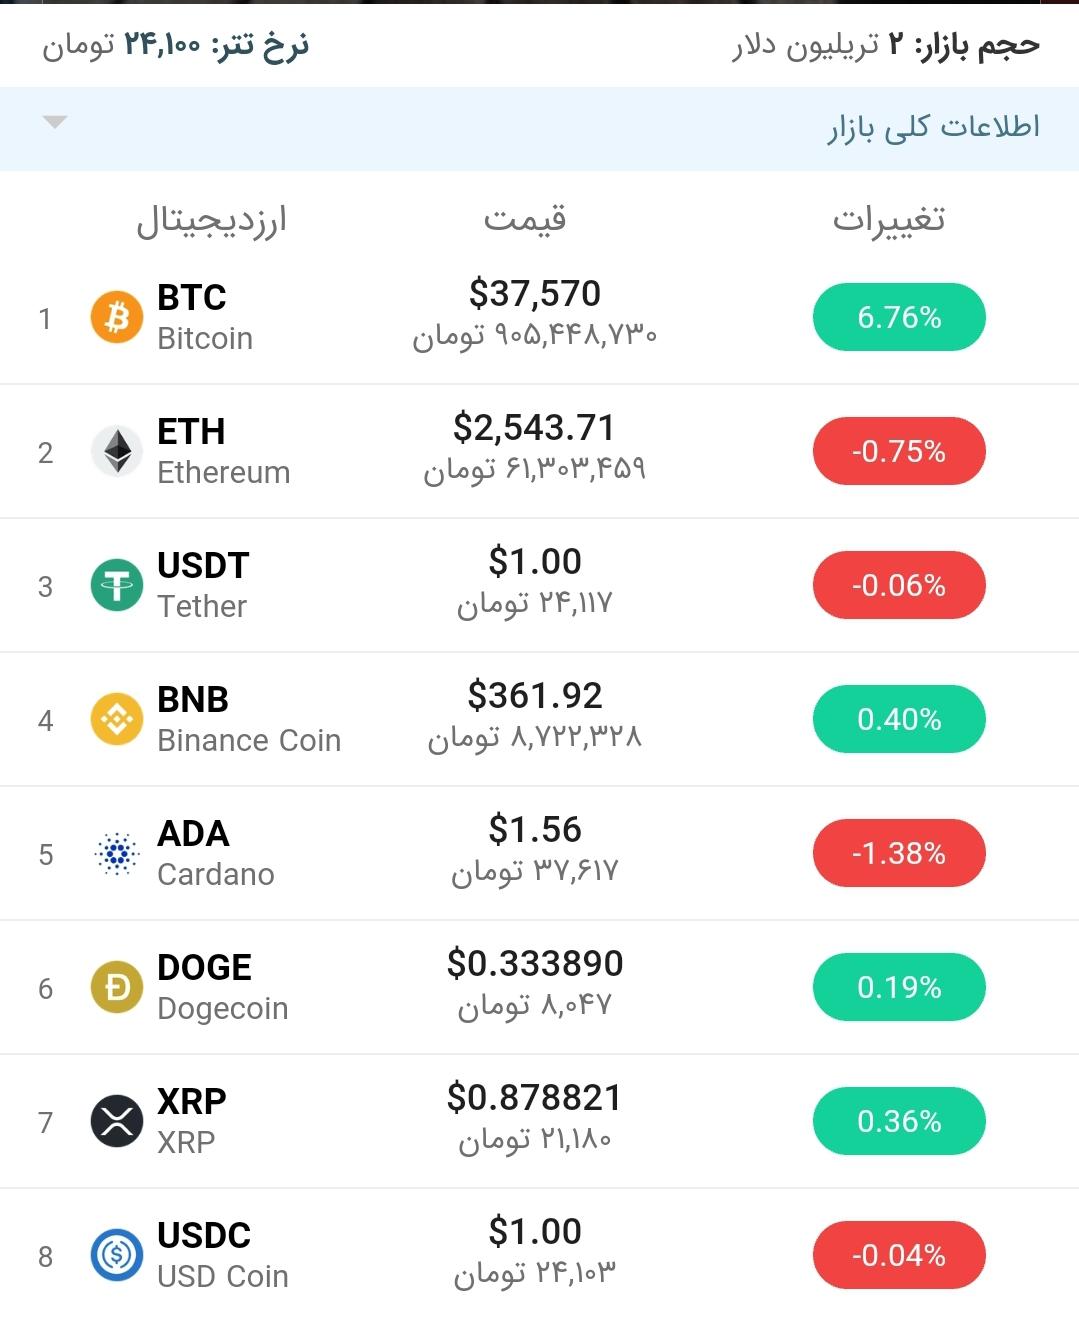 قیمت بیت کوین امروز ۲۰ خرداد ۱۴۰۰